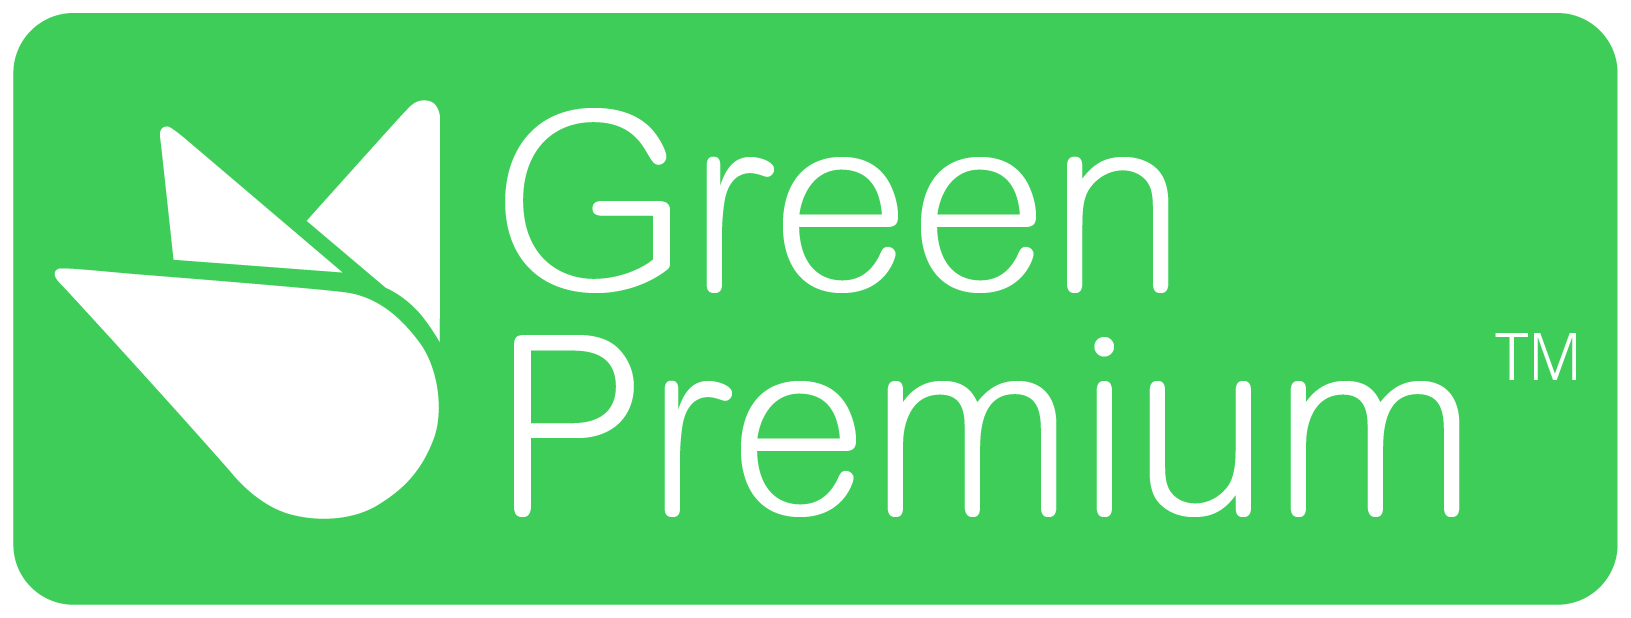 Green Premium merk logo van Schneider Electric wat staat voor de inzet om onze klanten superieure duurzame producten te leveren